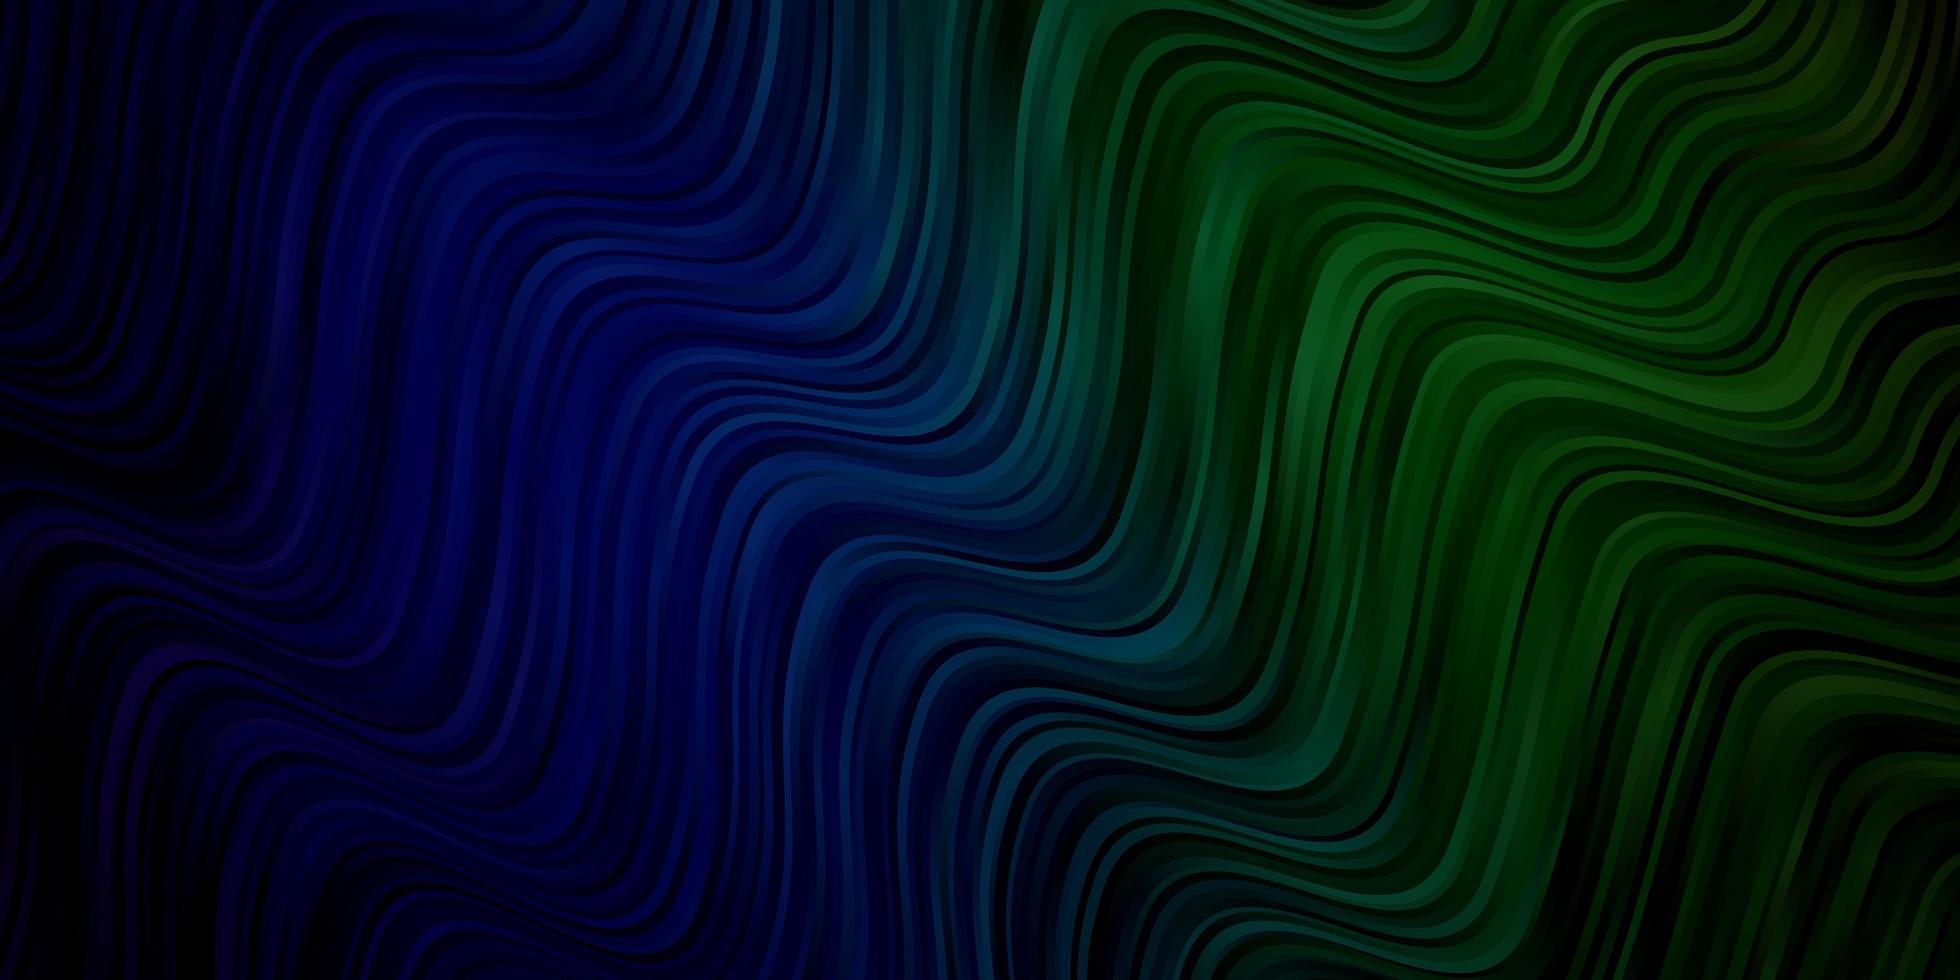 lichtblauw, groen vectorpatroon met gebogen lijnen. vector